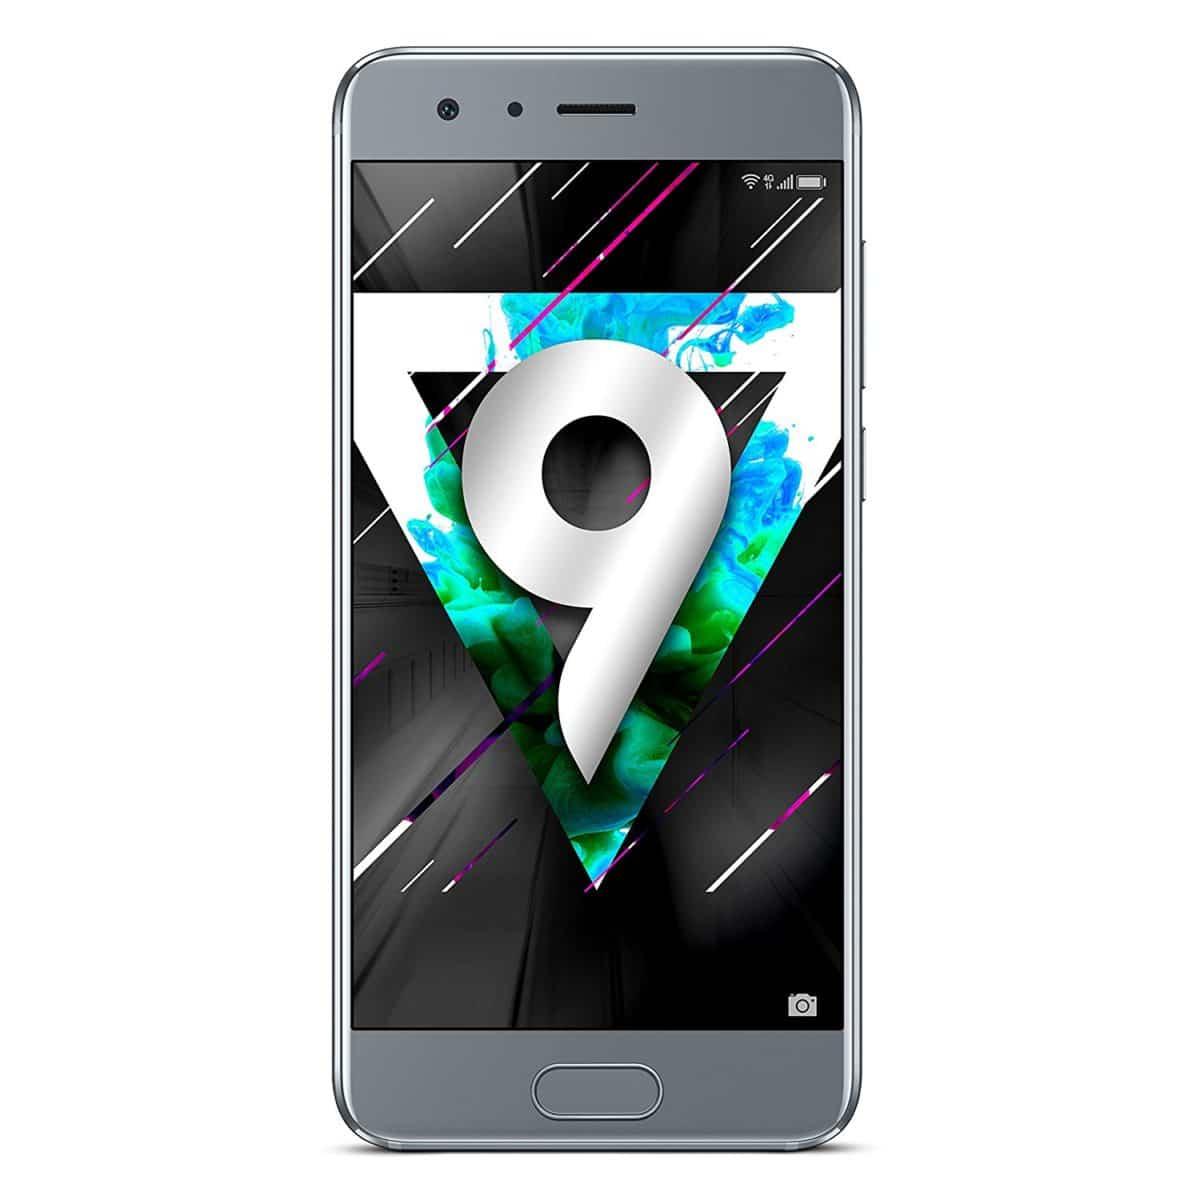 [BEENDET] Gewinne exklusiv auf AndroidKosmos.de das neue Honor 9 Smartphone 3